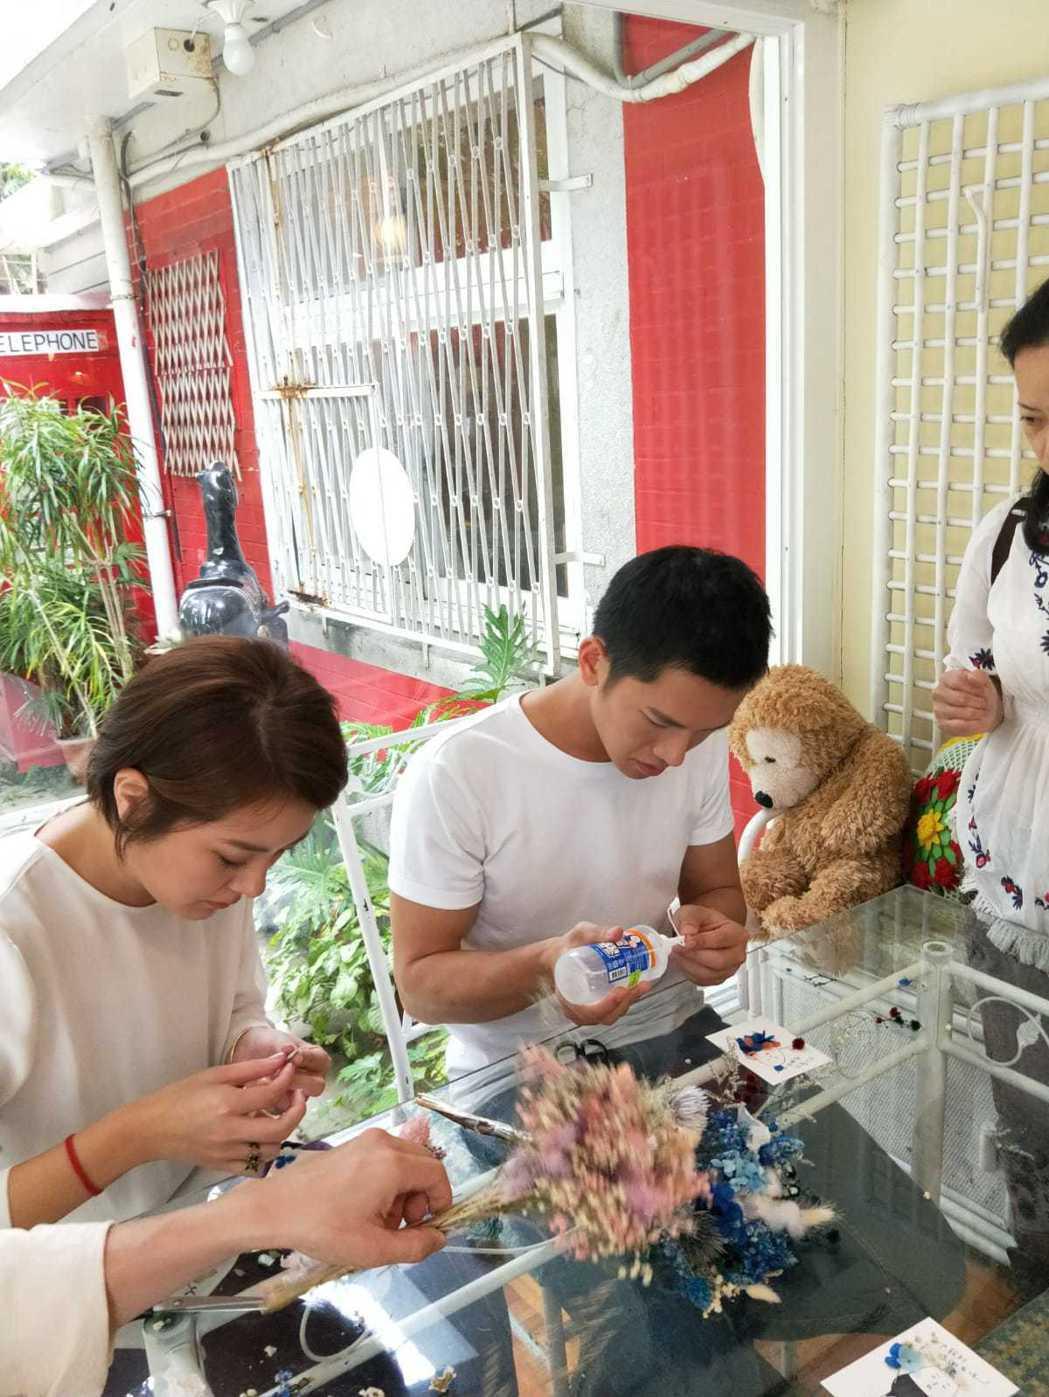 梁瀚名(右)、楊雅筑用心做卡片送給粉絲。圖/TVBS提供